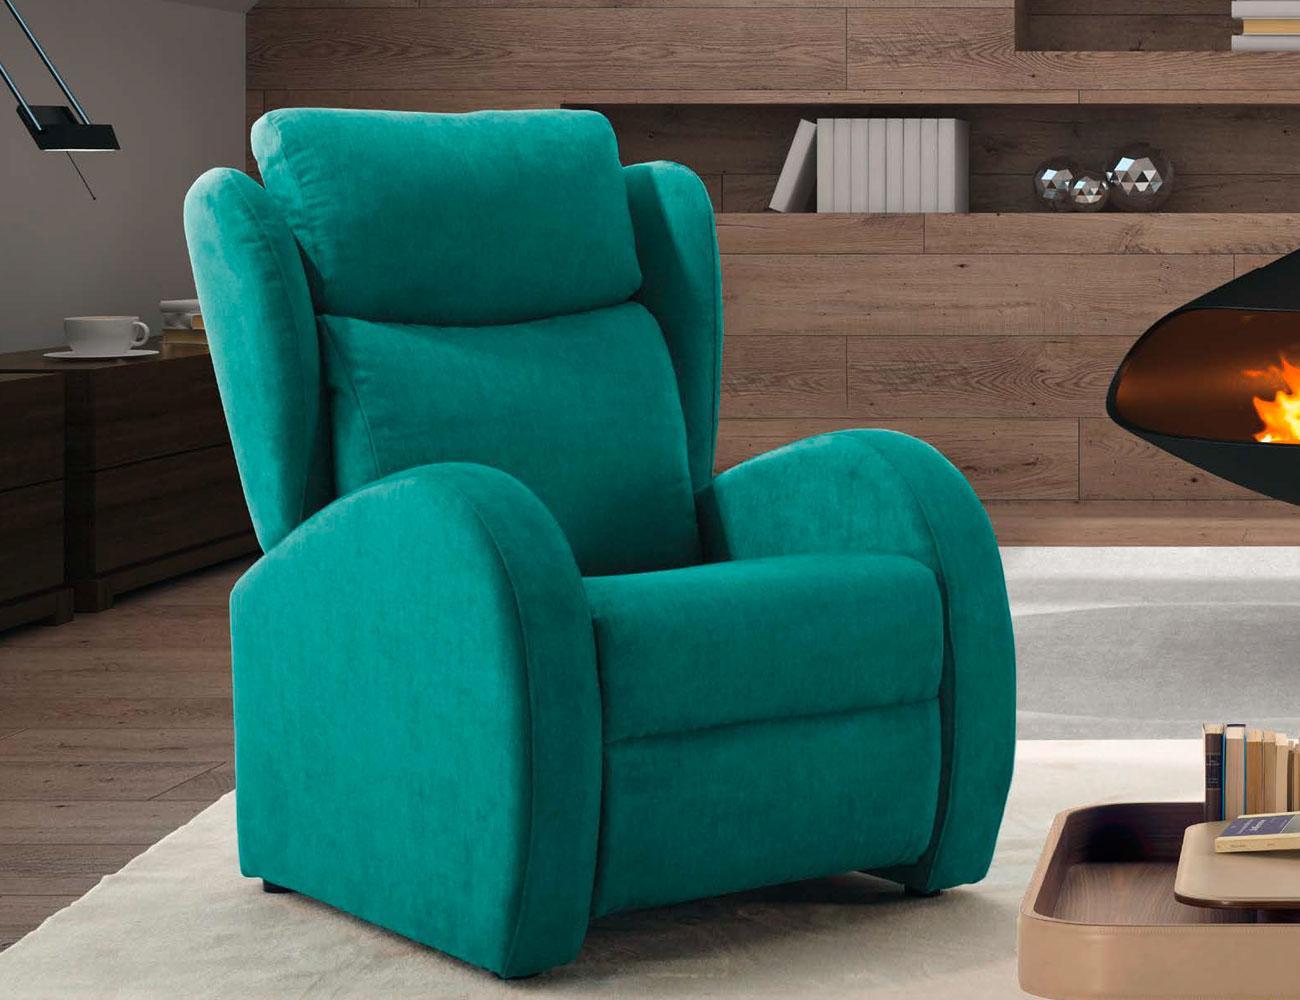 Sillon relax orejero con dise o algo moderno y con buen - Sillon relax moderno ...